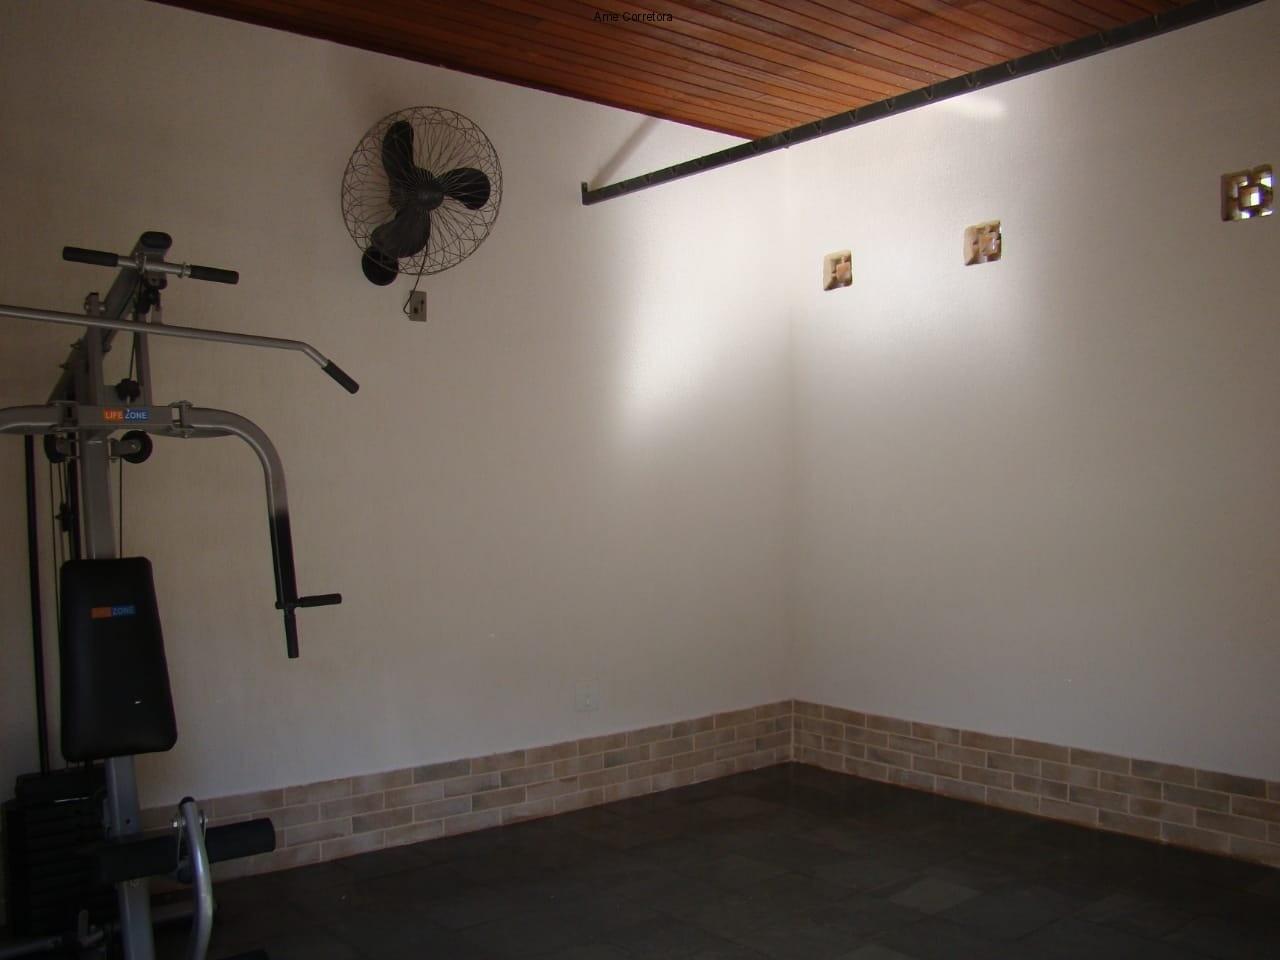 FOTO 05 - Casa 3 quartos à venda Guaratiba, Rio de Janeiro - R$ 350.000 - CA00784 - 6